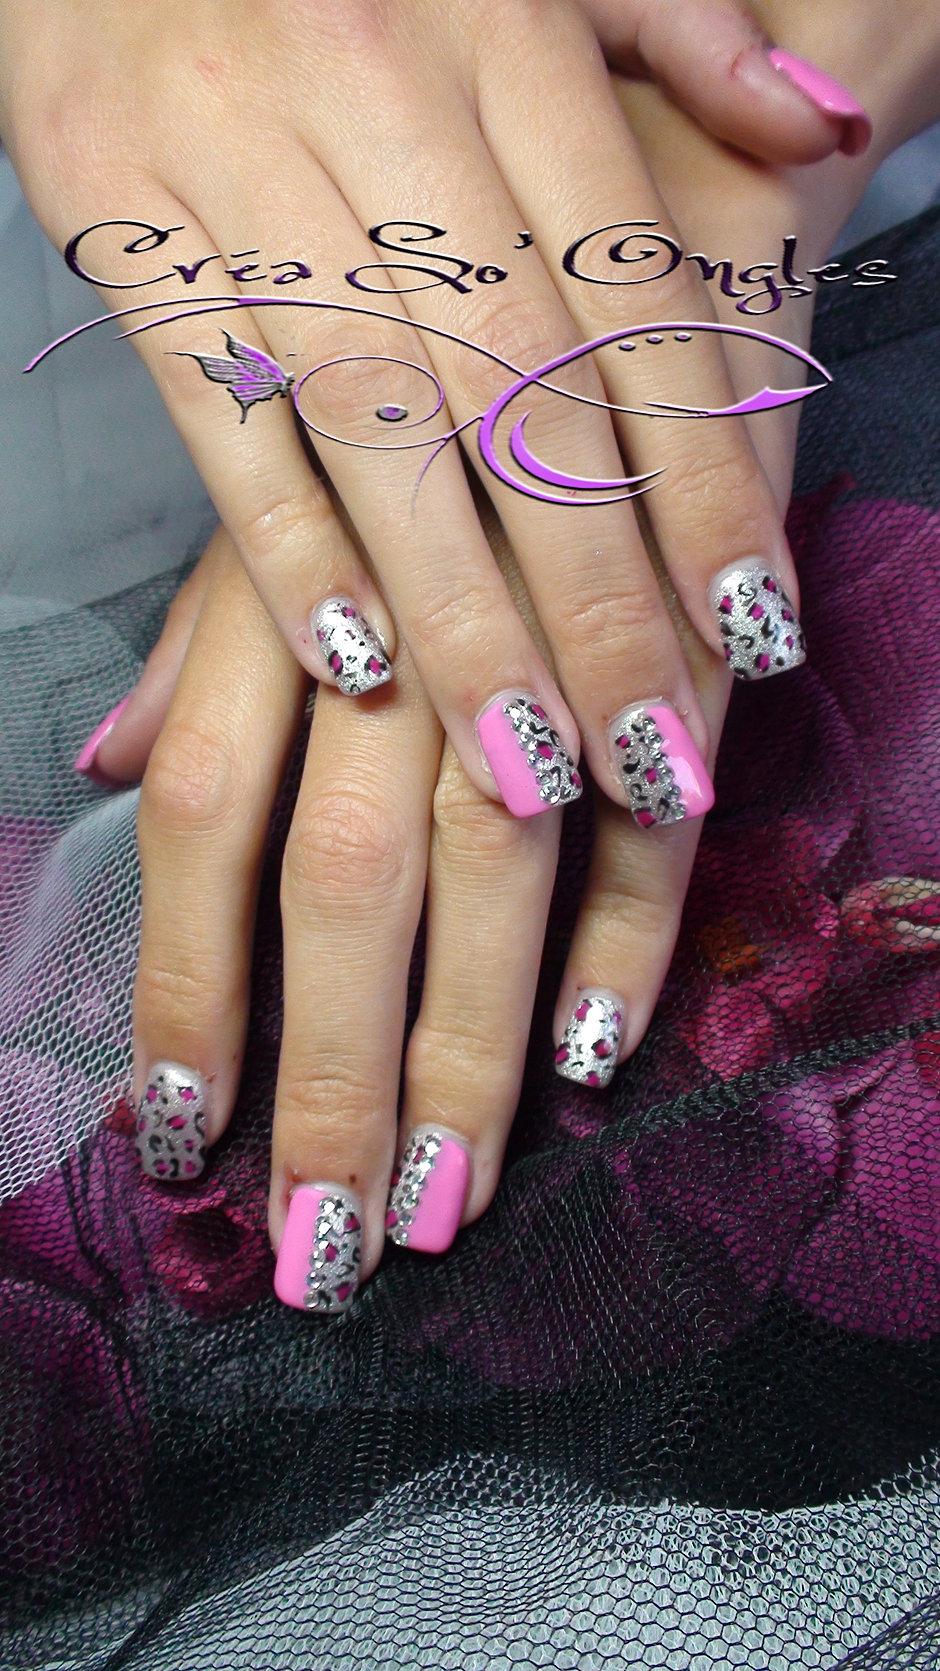 Poses d 39 ongles en gel uv mains et pieds domicile - Modele dessin ongle gratuit ...